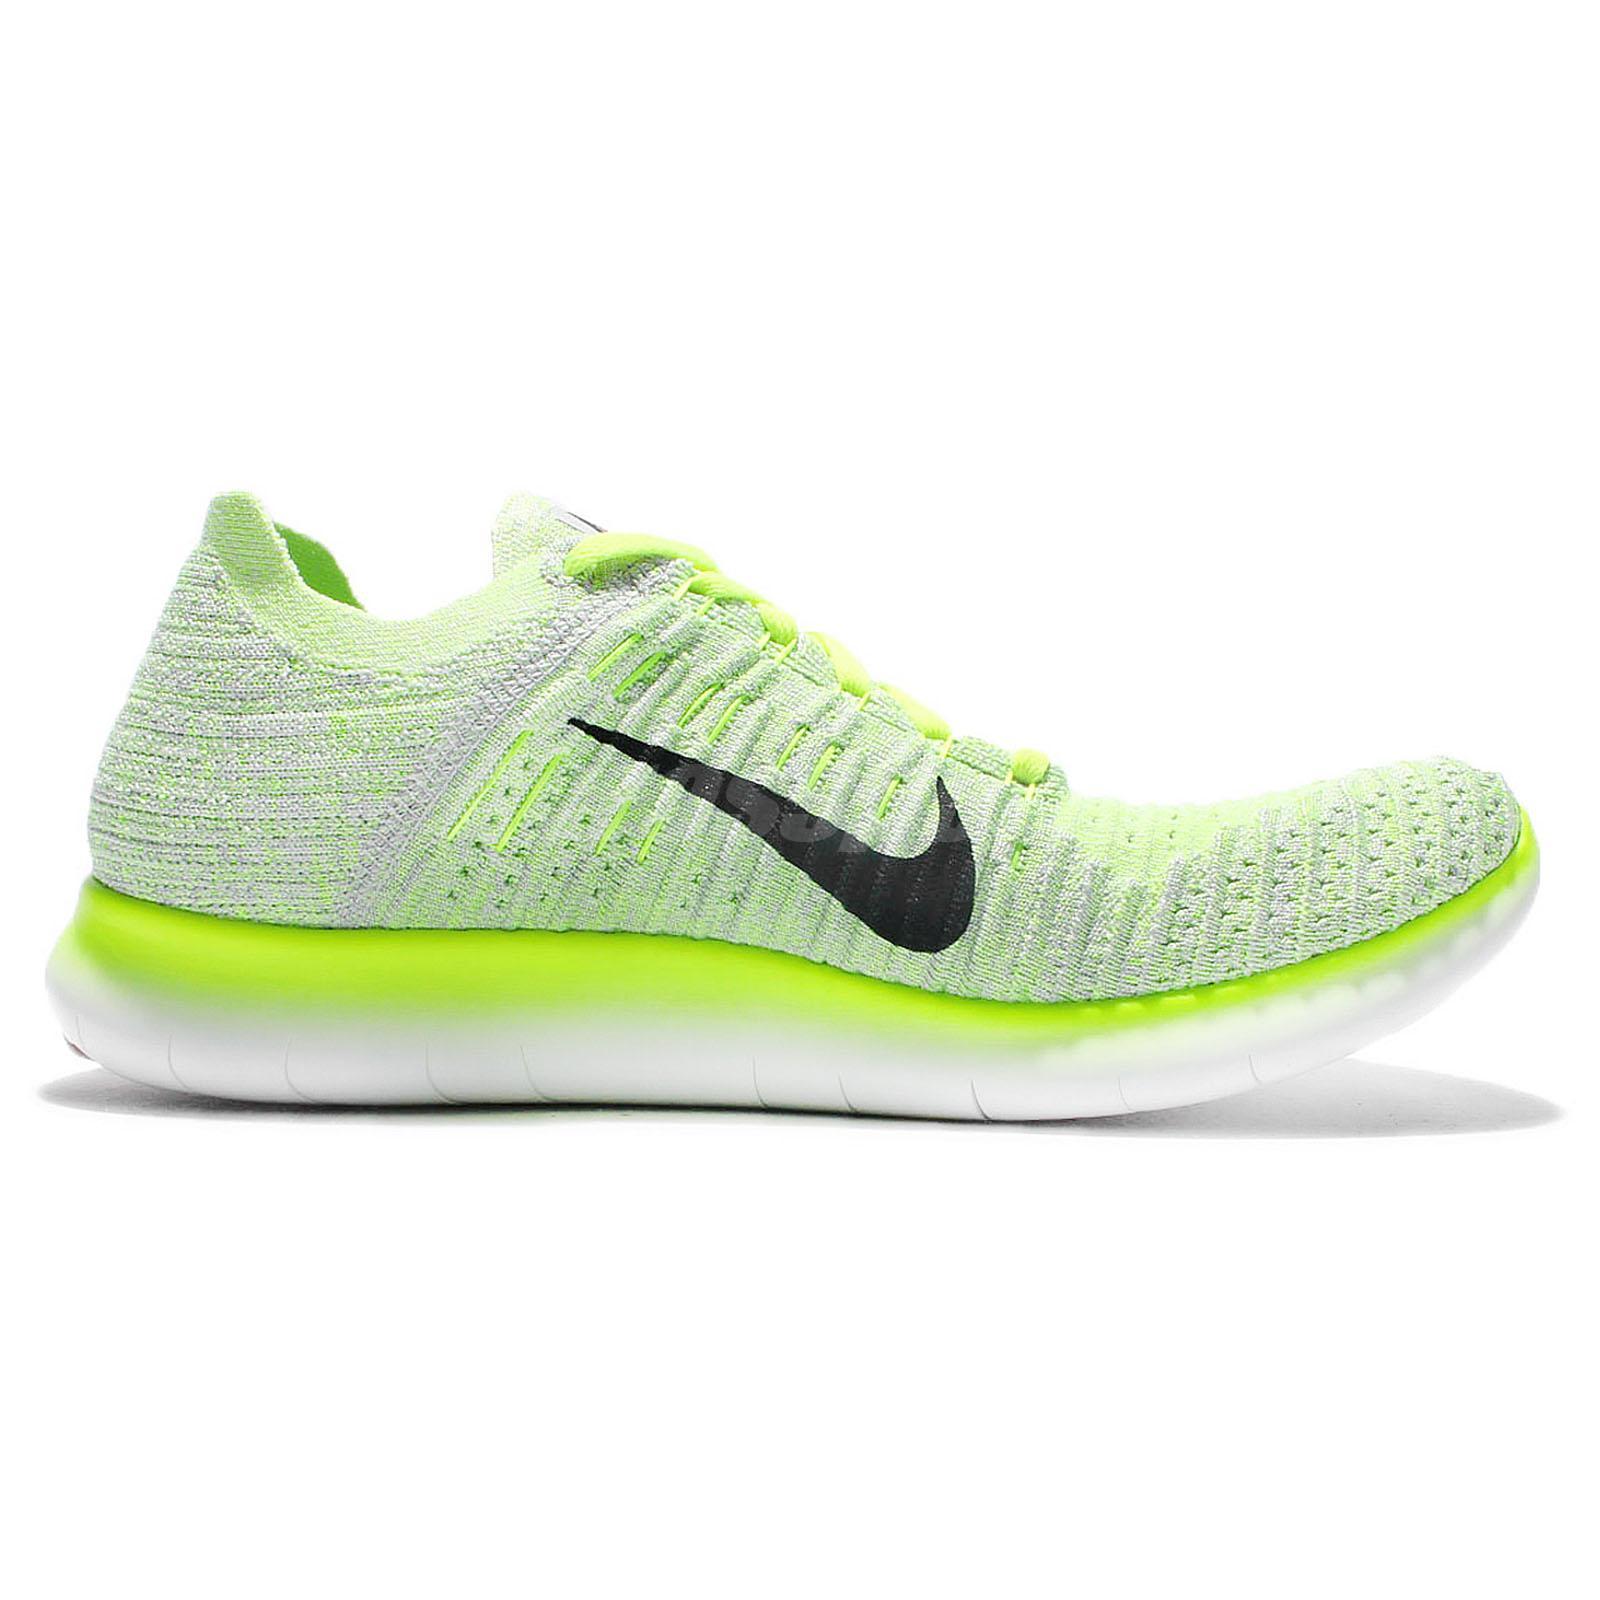 nike free run flyknit yellow shoes